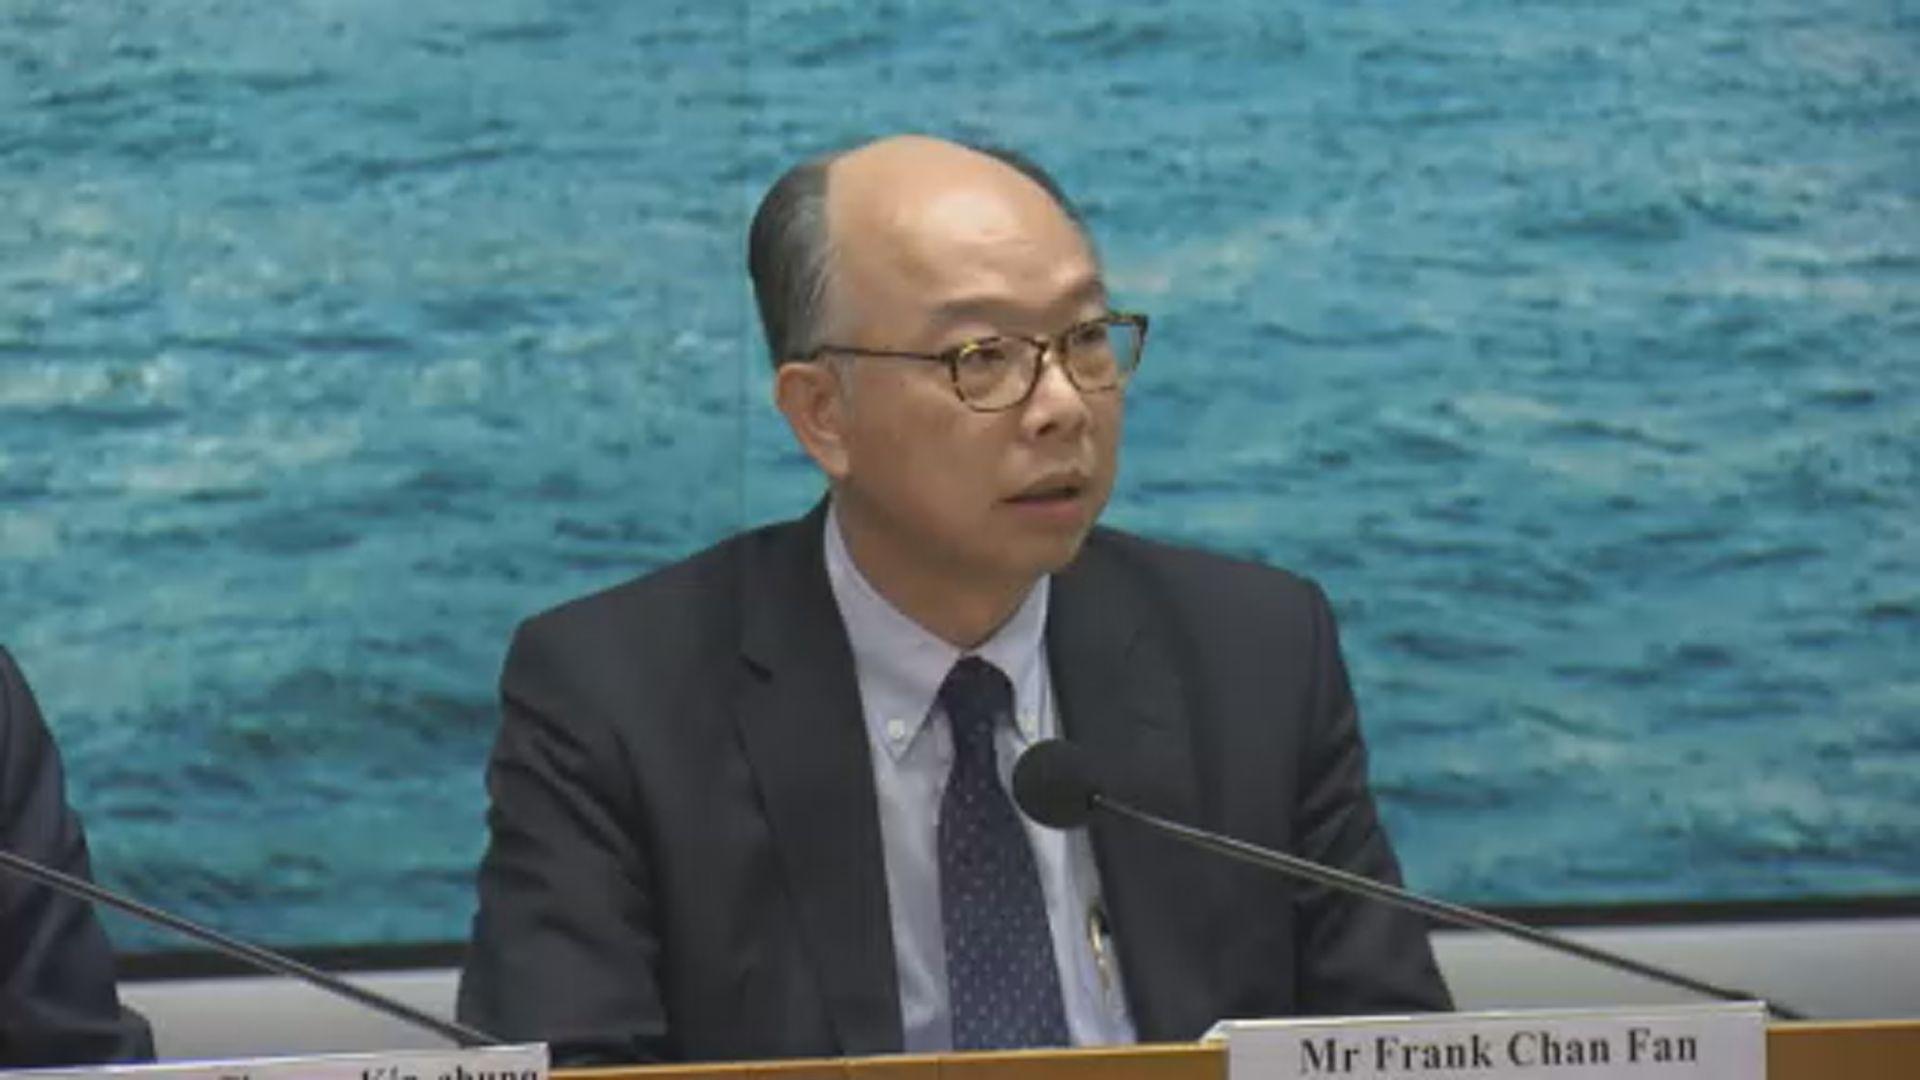 【機場示威】陳帆:集會干擾機場運作 香港付出沉重代價